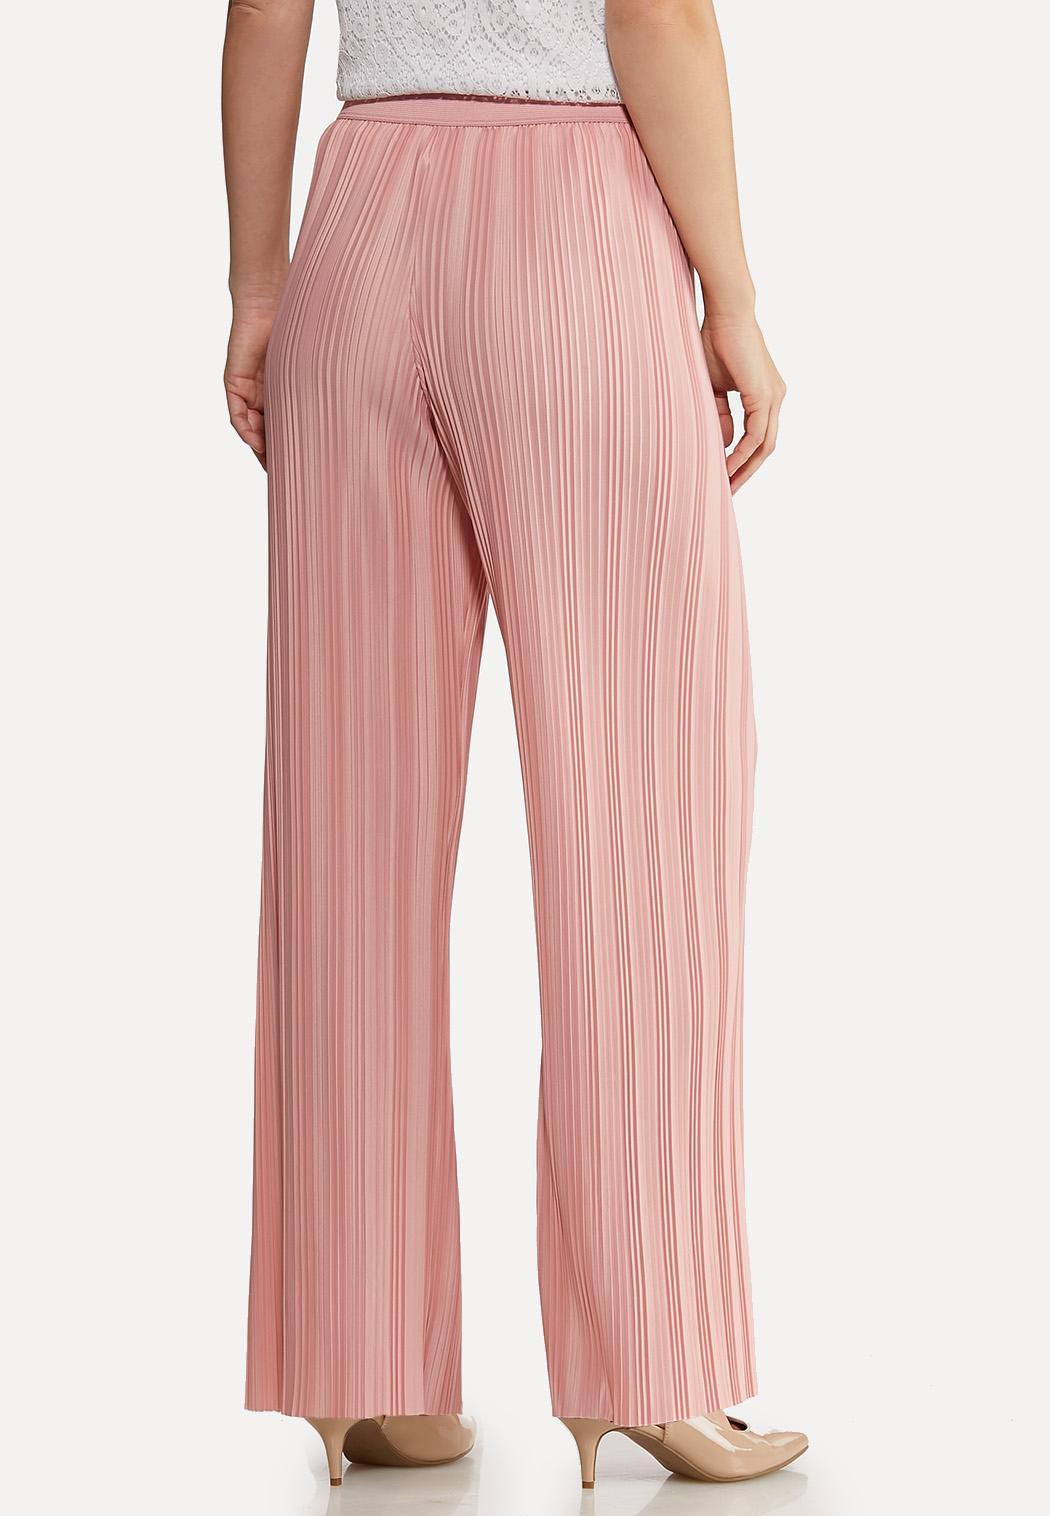 Petite Pink Pleated Pants (Item #44114694)